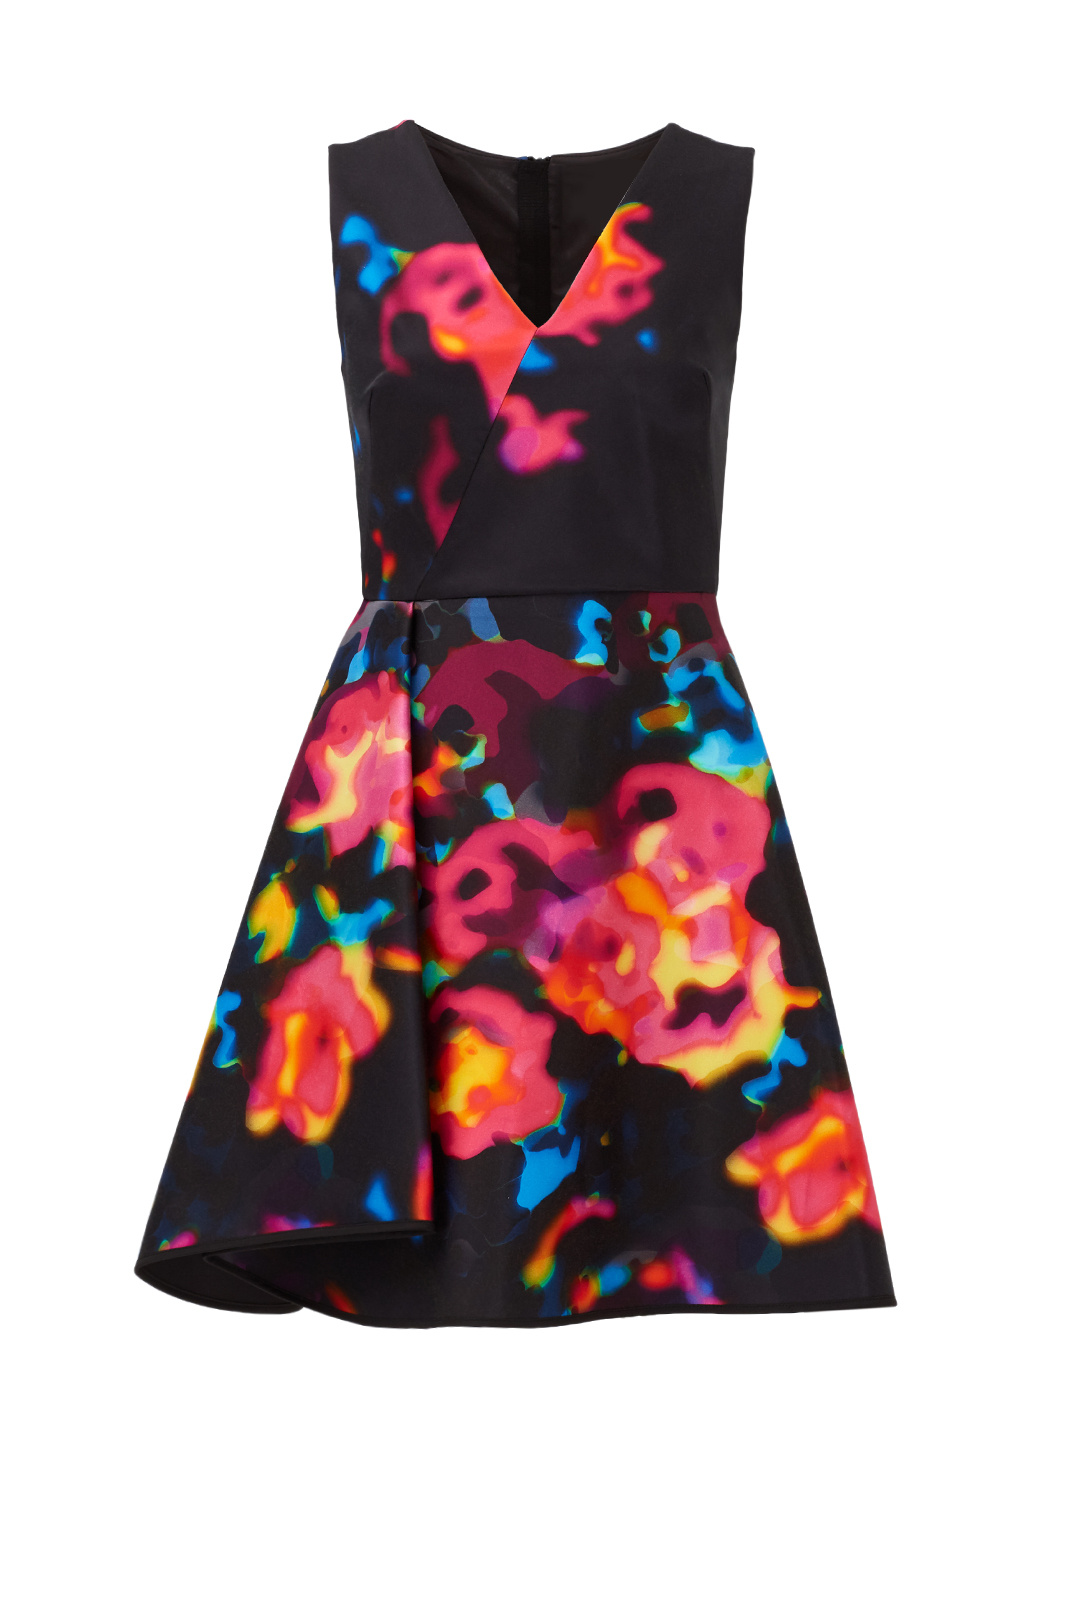 Milly - Selene Dress